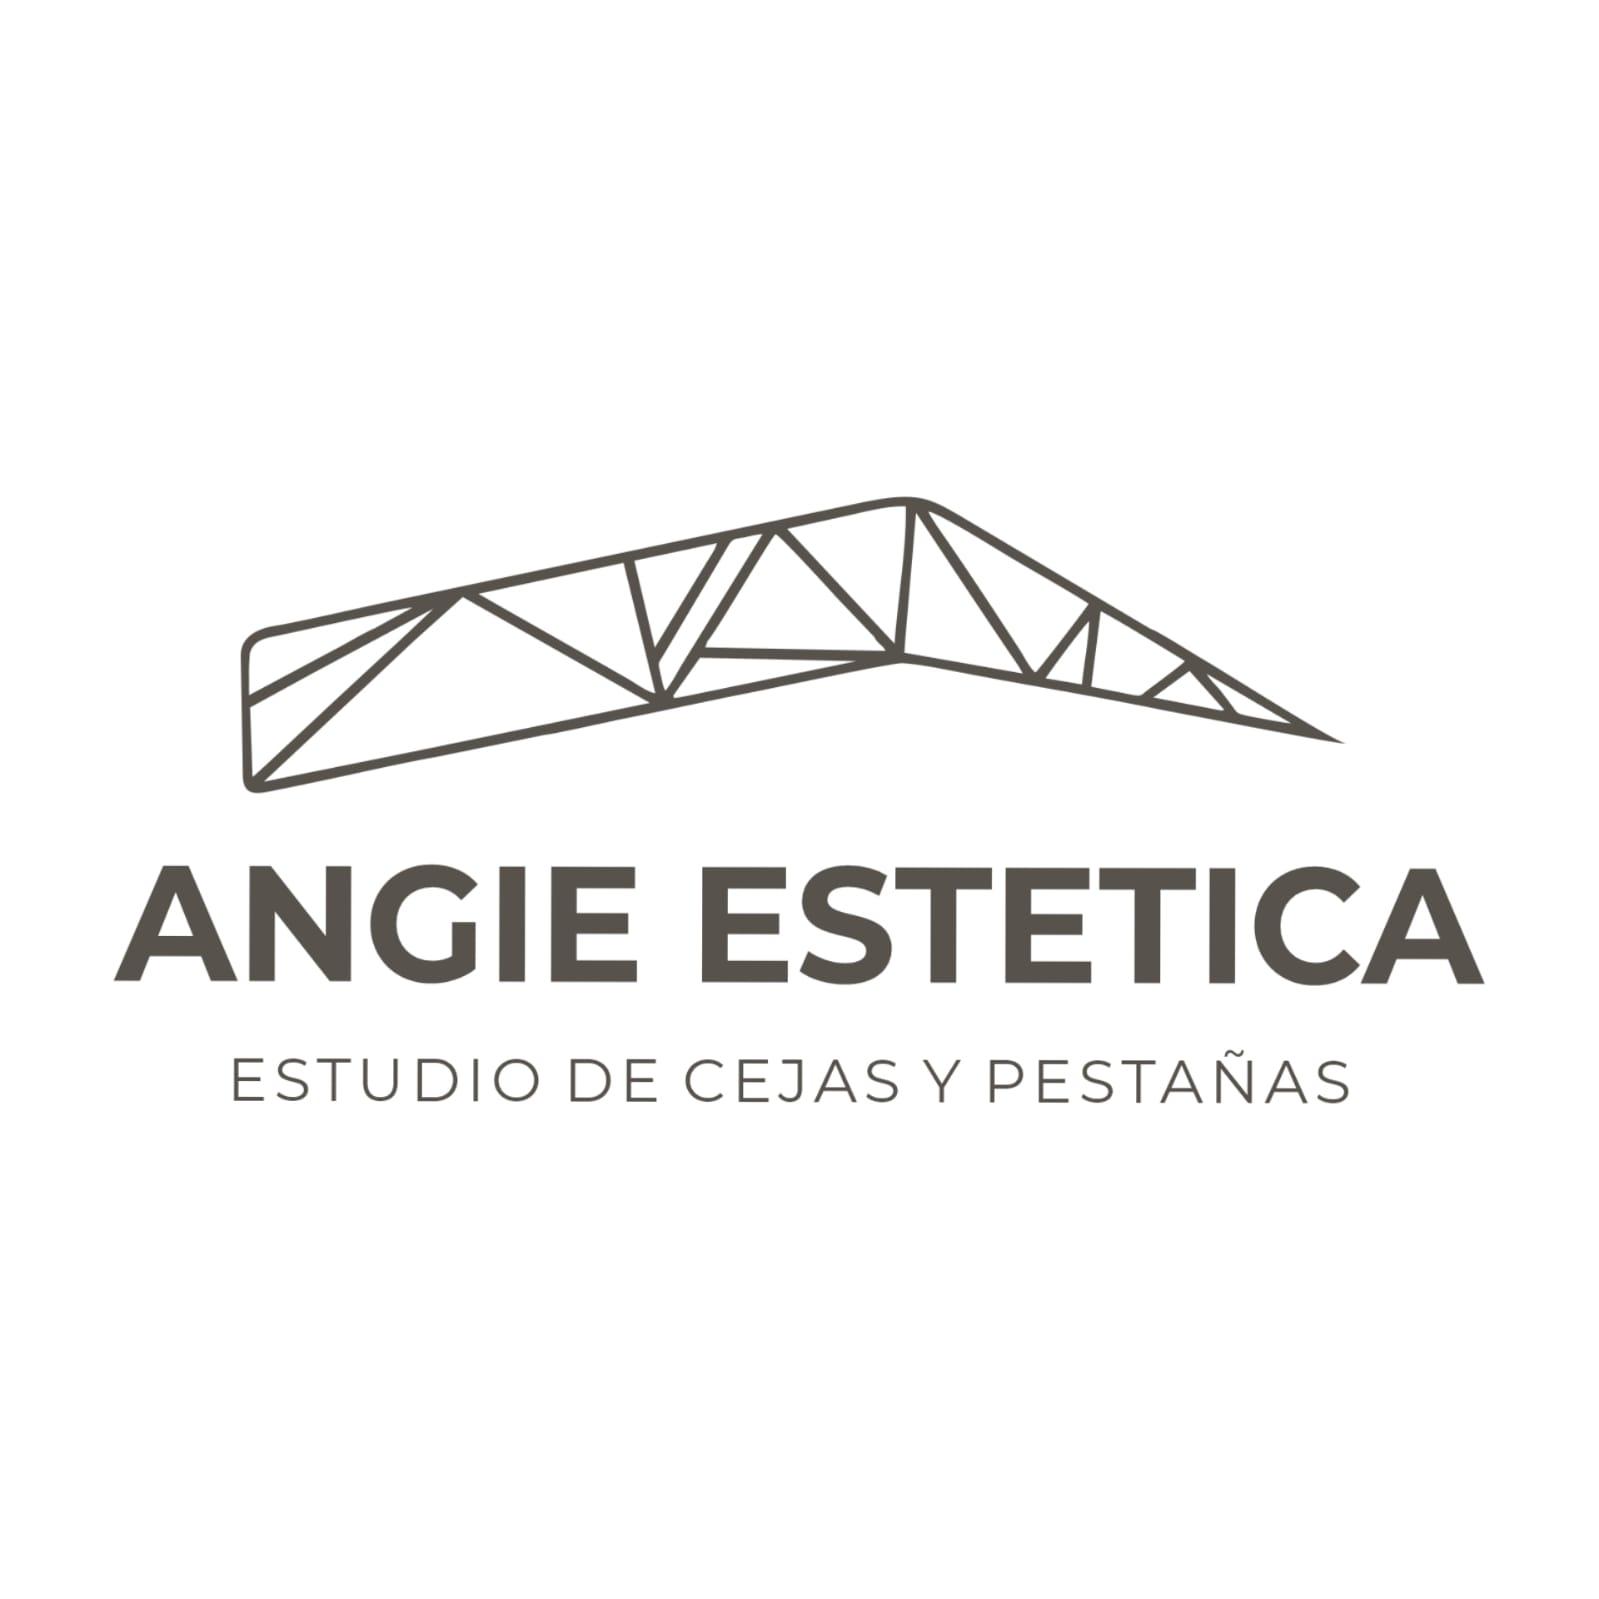 Angie Estética